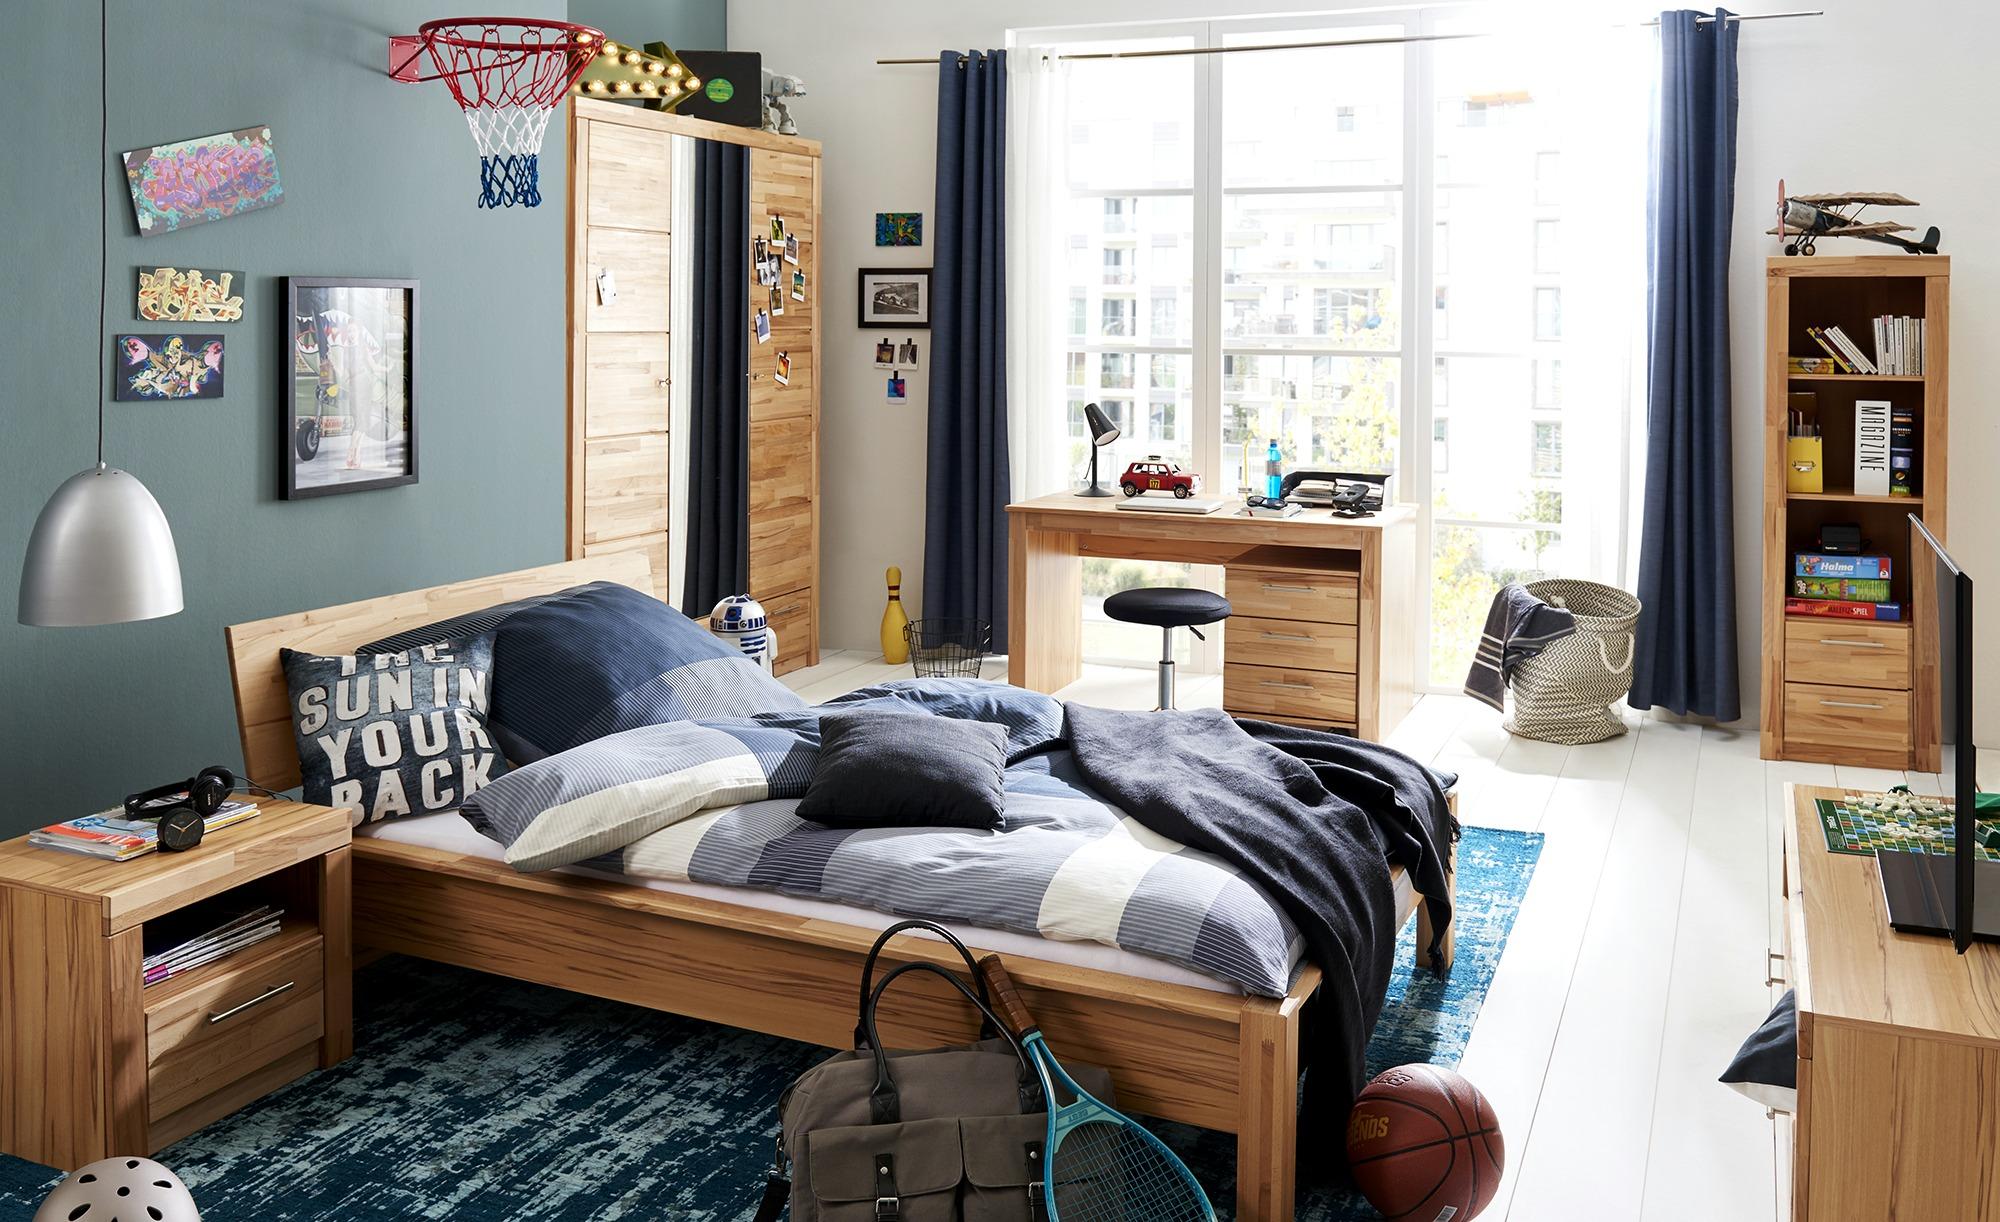 Jugendzimmer, 7teilig Oslo, gefunden bei Möbel Höffner